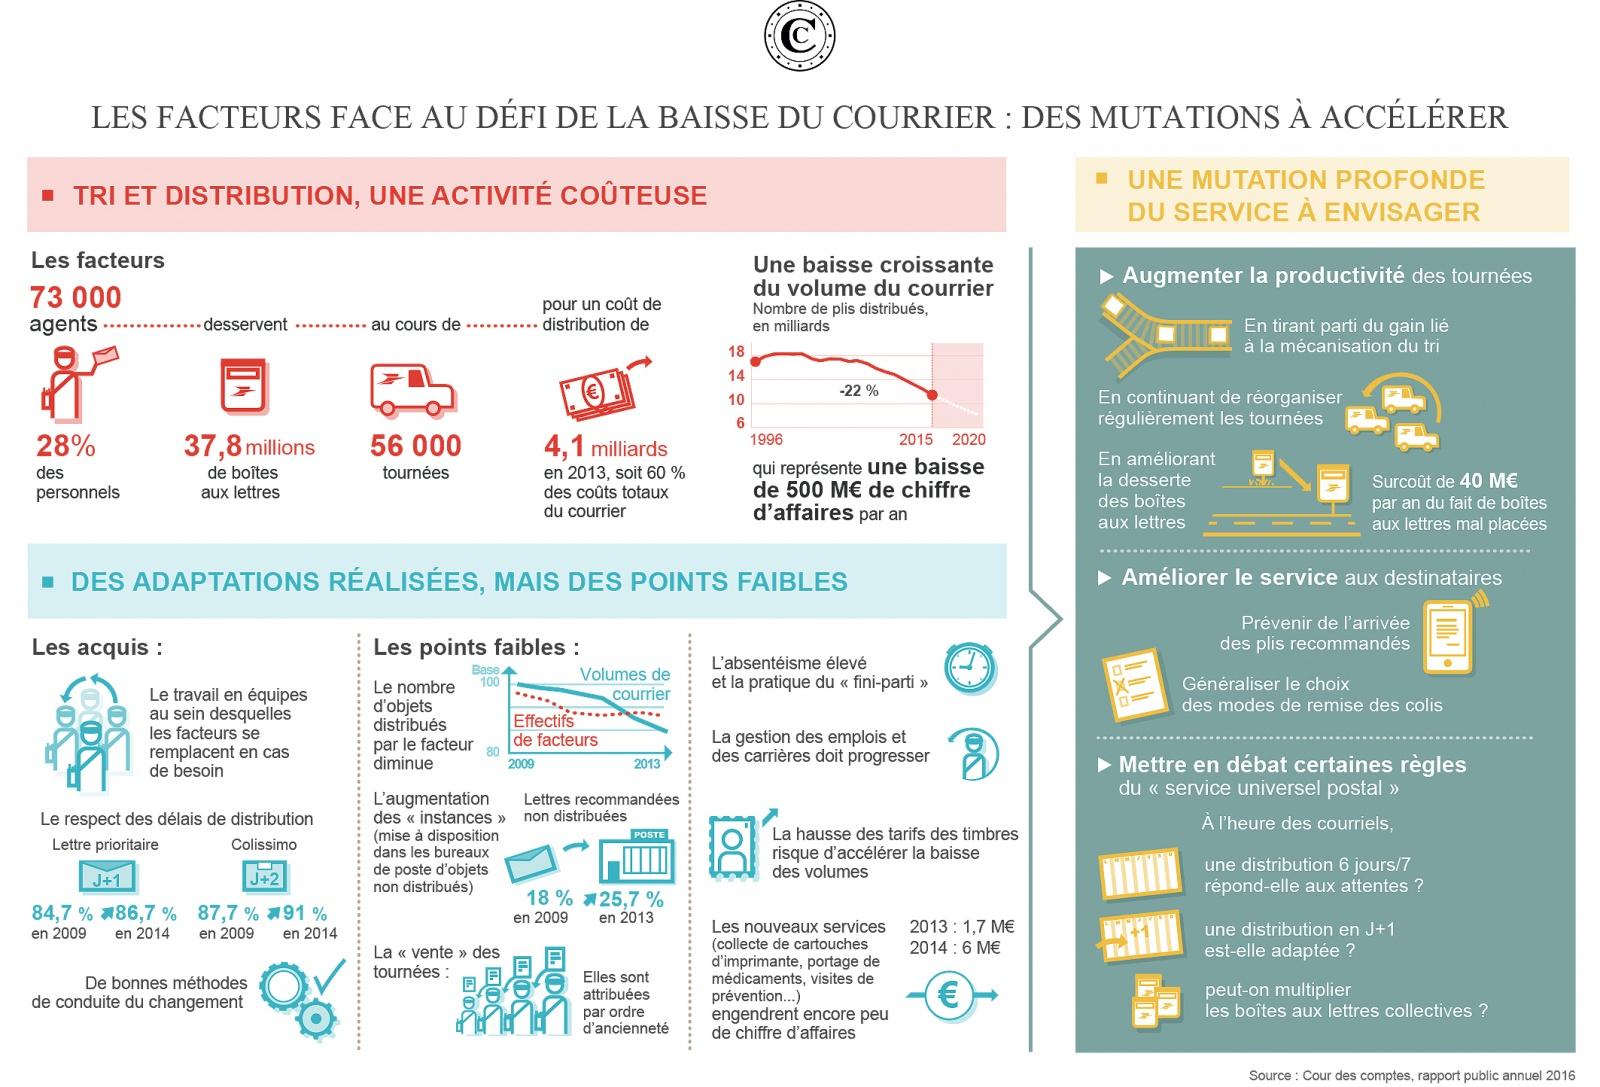 Infographie facteurs rpa2016